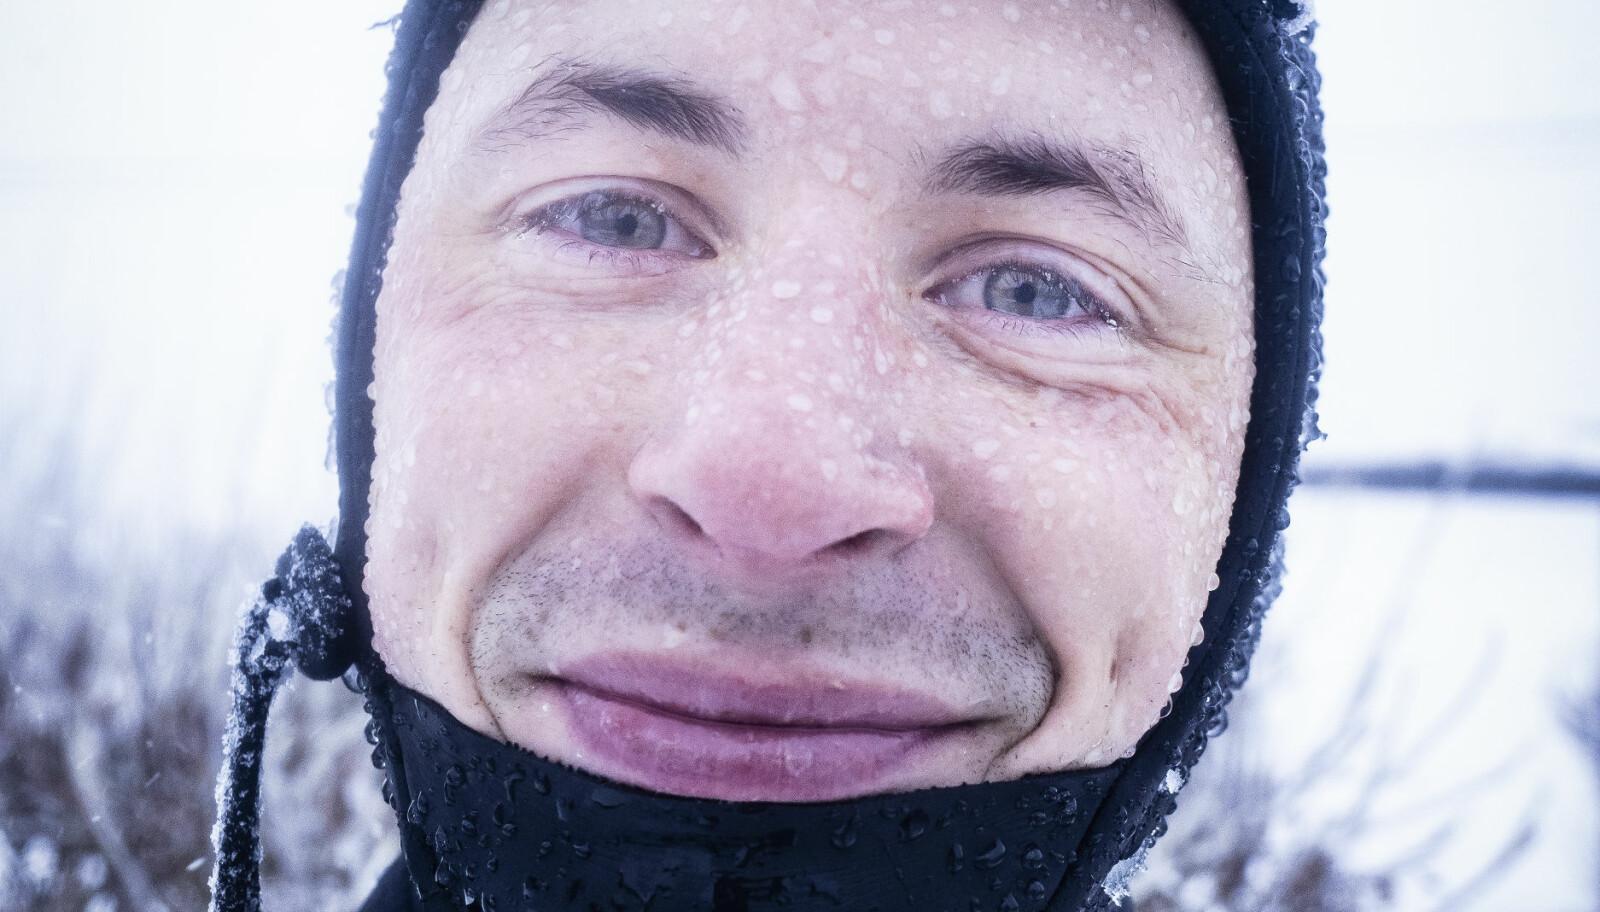 LOKALPATRIOT: Anders Stave har reist verden rundt med surfbrettet, men de fineste bølgene finner han hjemme på Andøya.